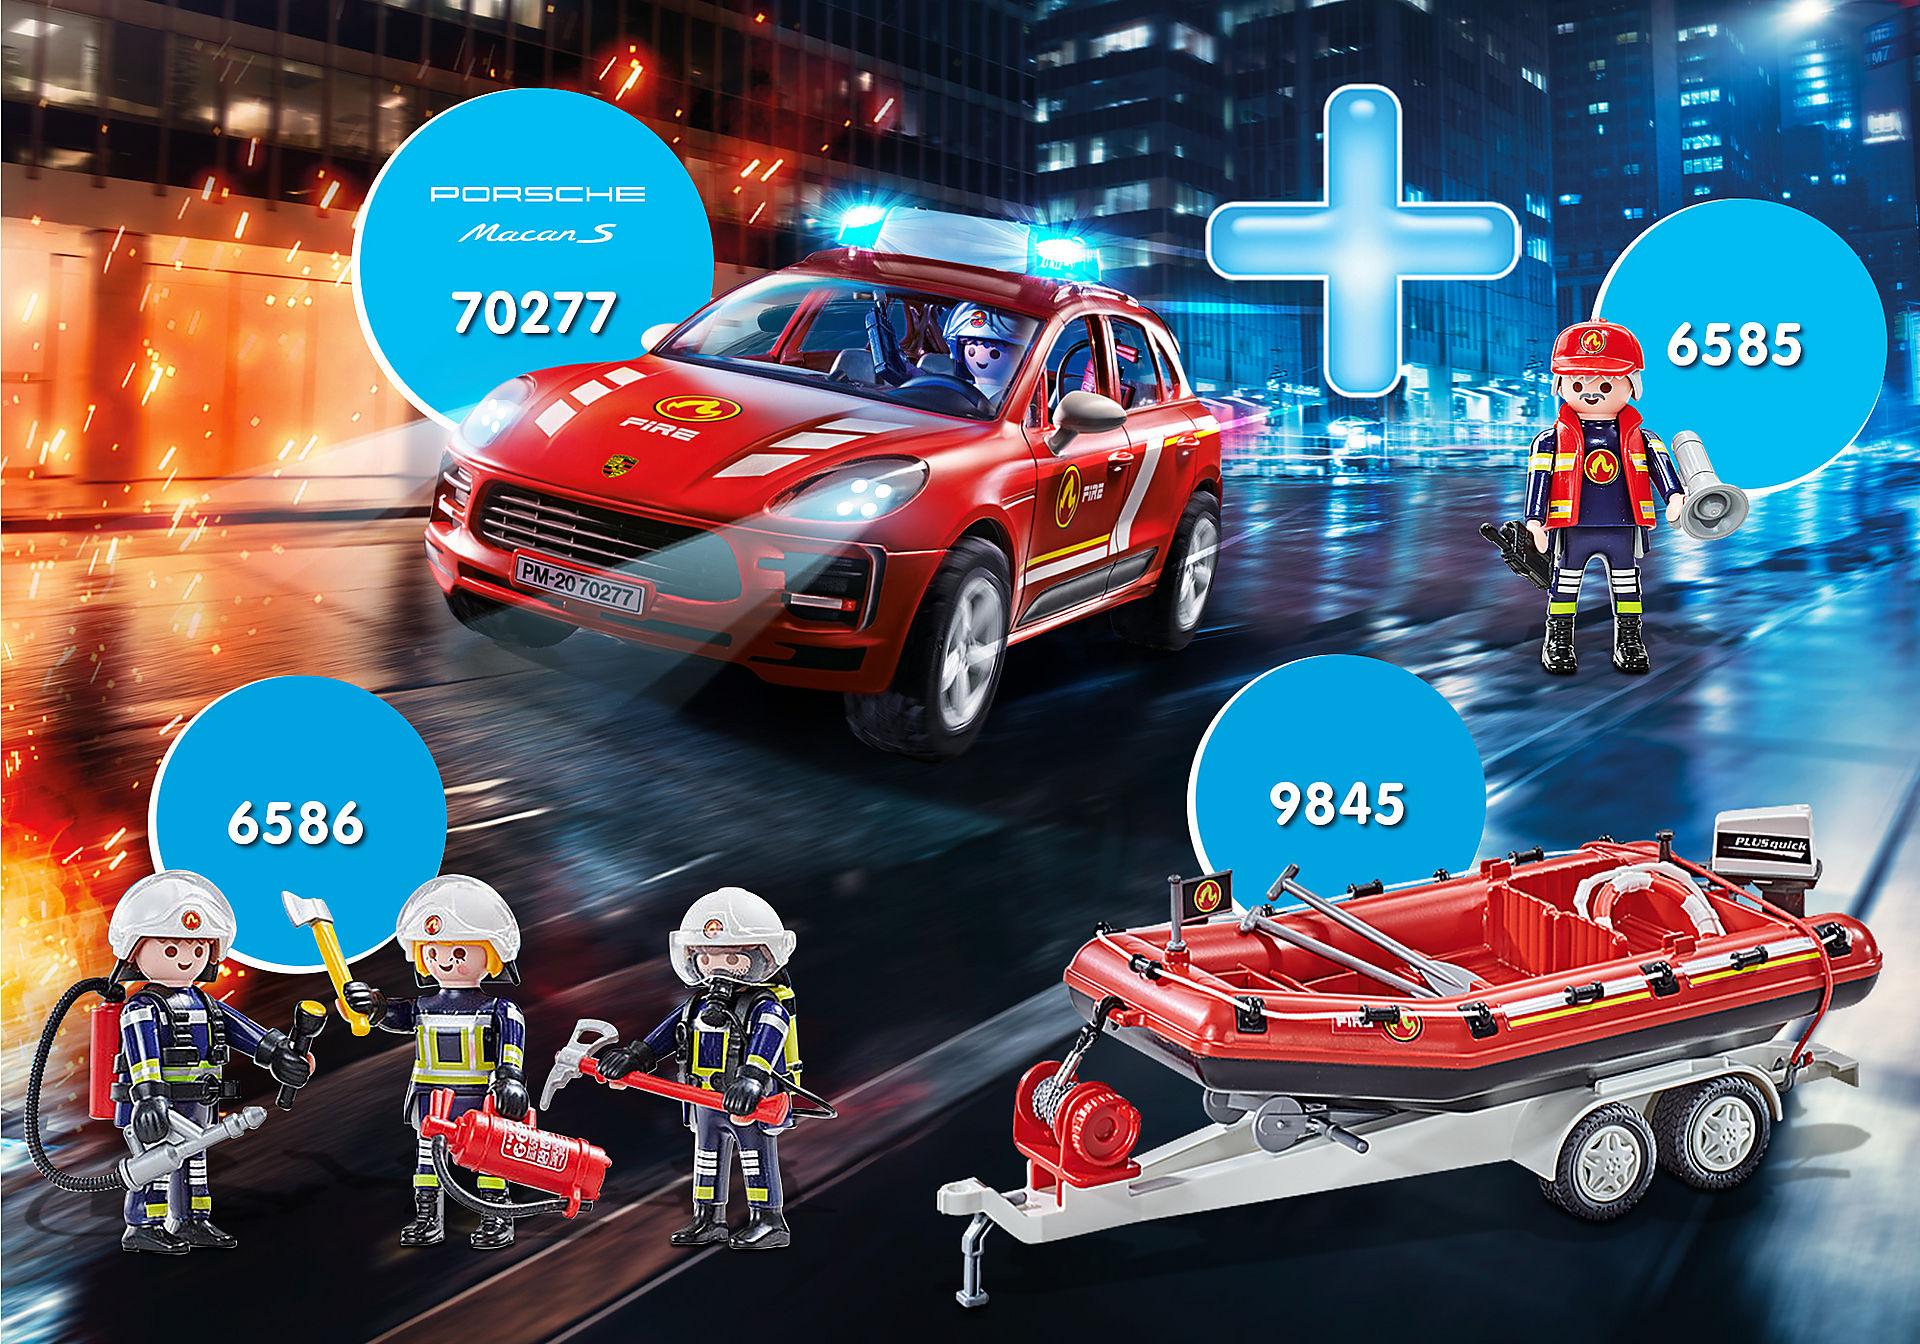 PM2008I Rabattpaket Porsche Macan S brandkår zoom image1